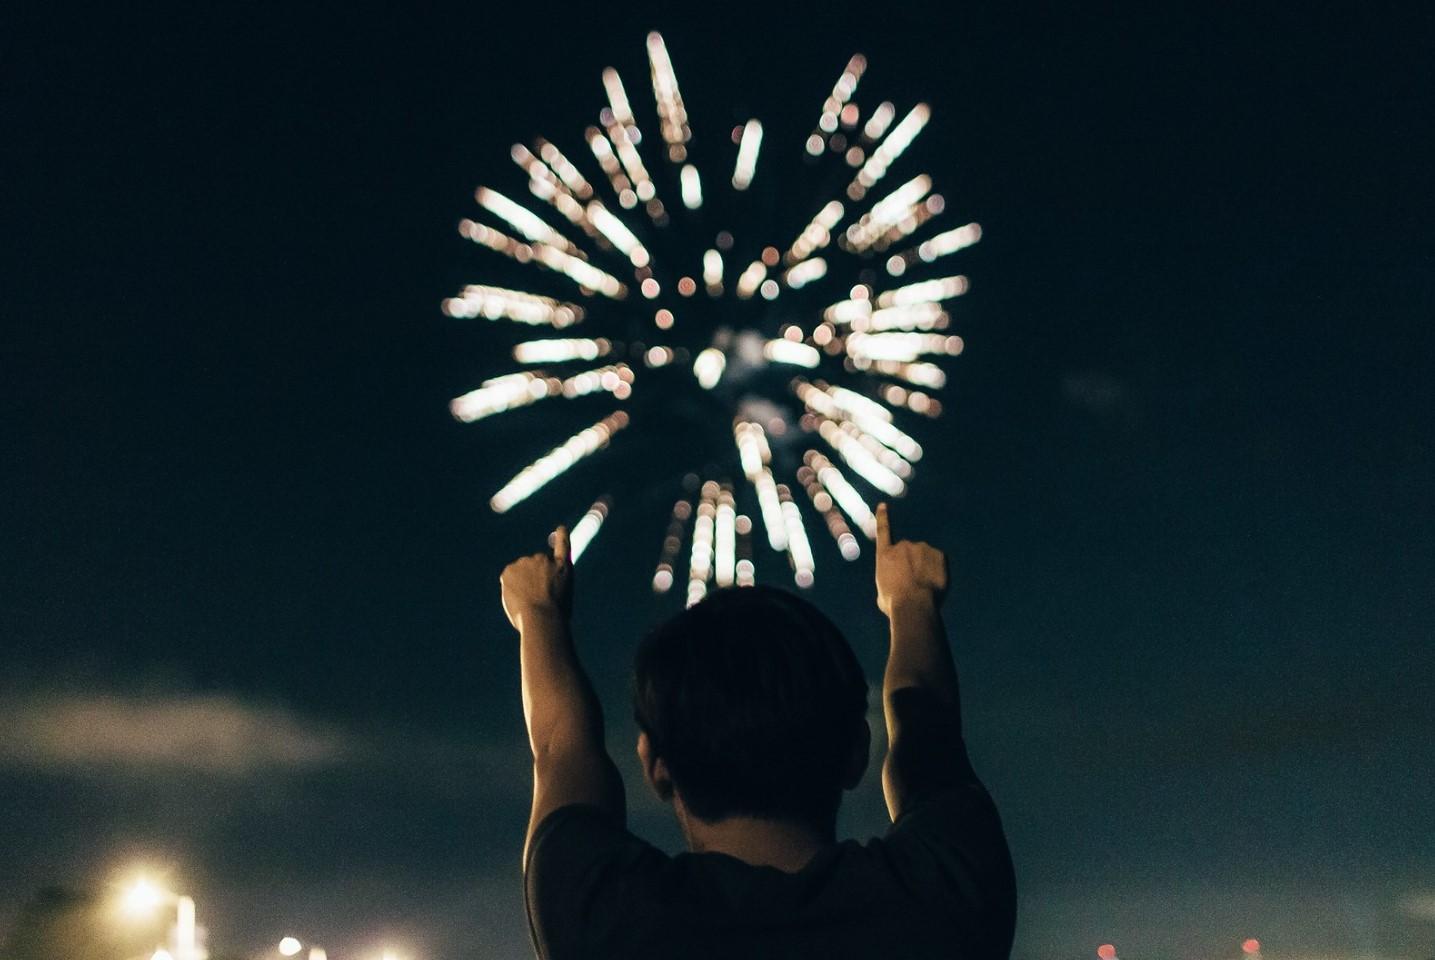 levantando las manos en la noche